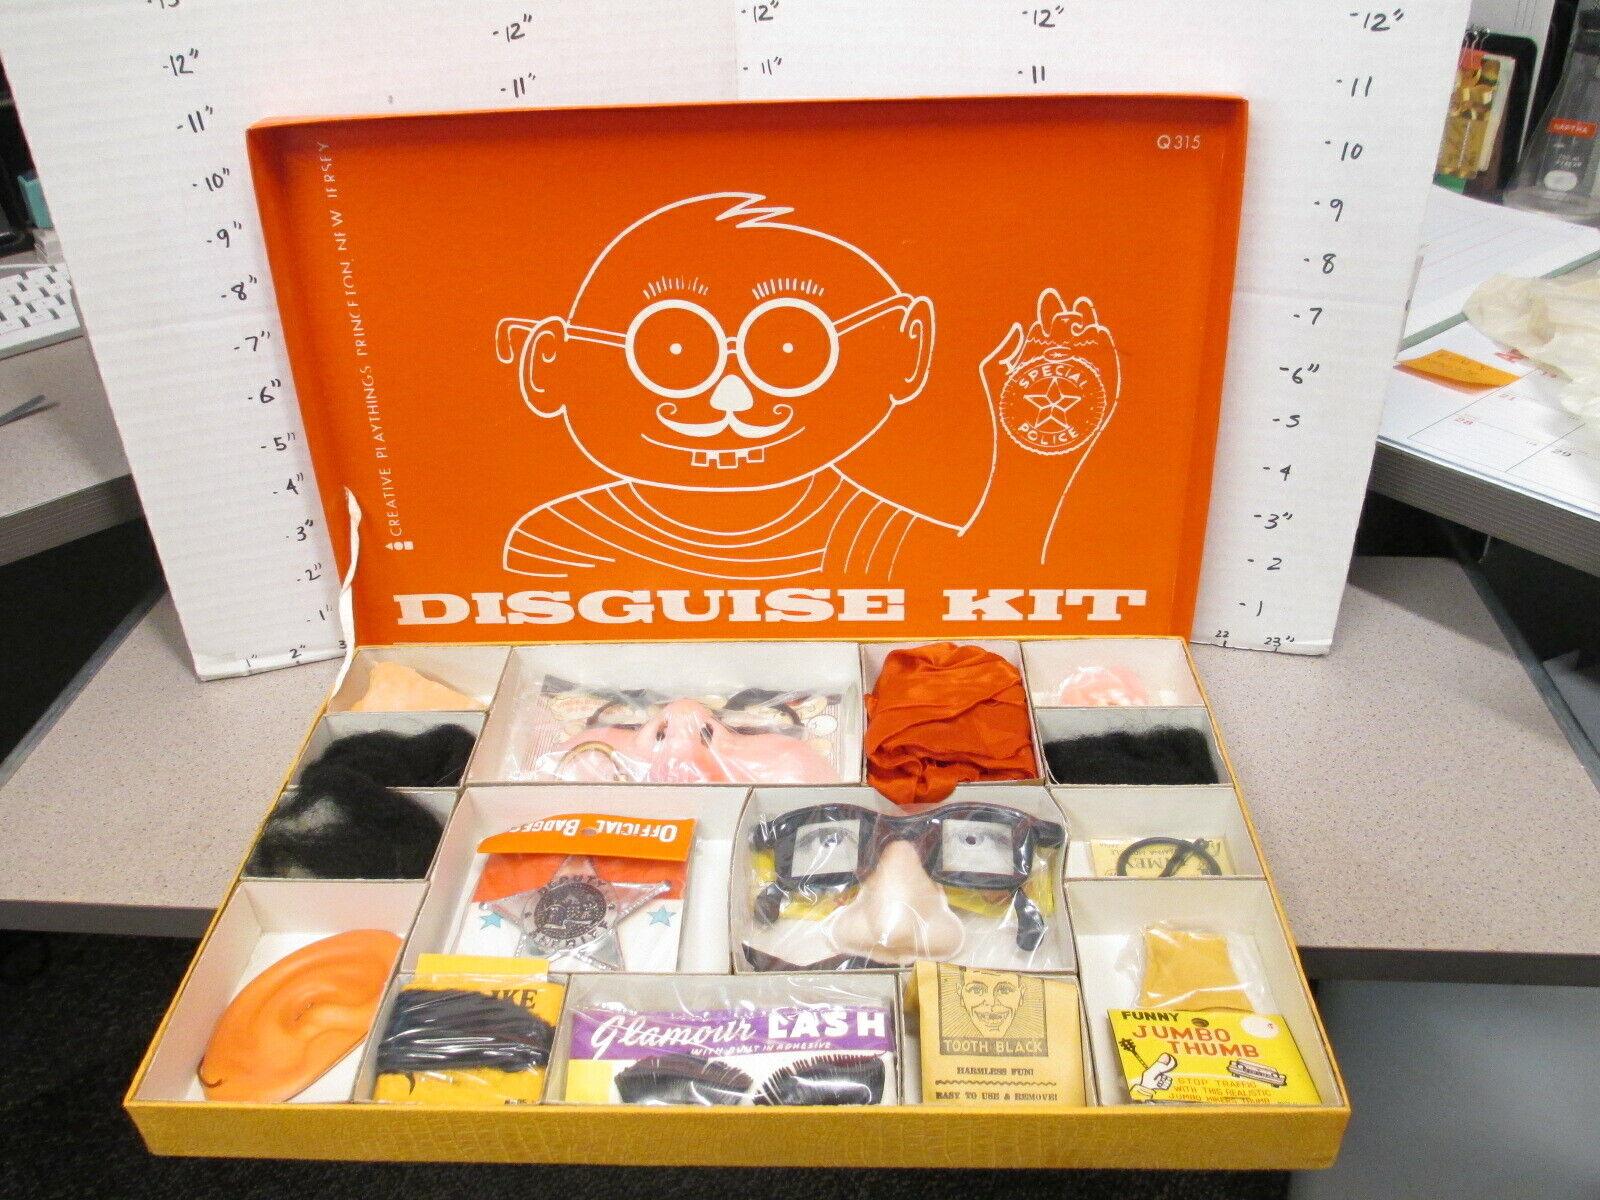 Kreativt Playboy 1960-talet DiskGUISE KIT Playsset Halloween maskeraddräkt flimmer eye